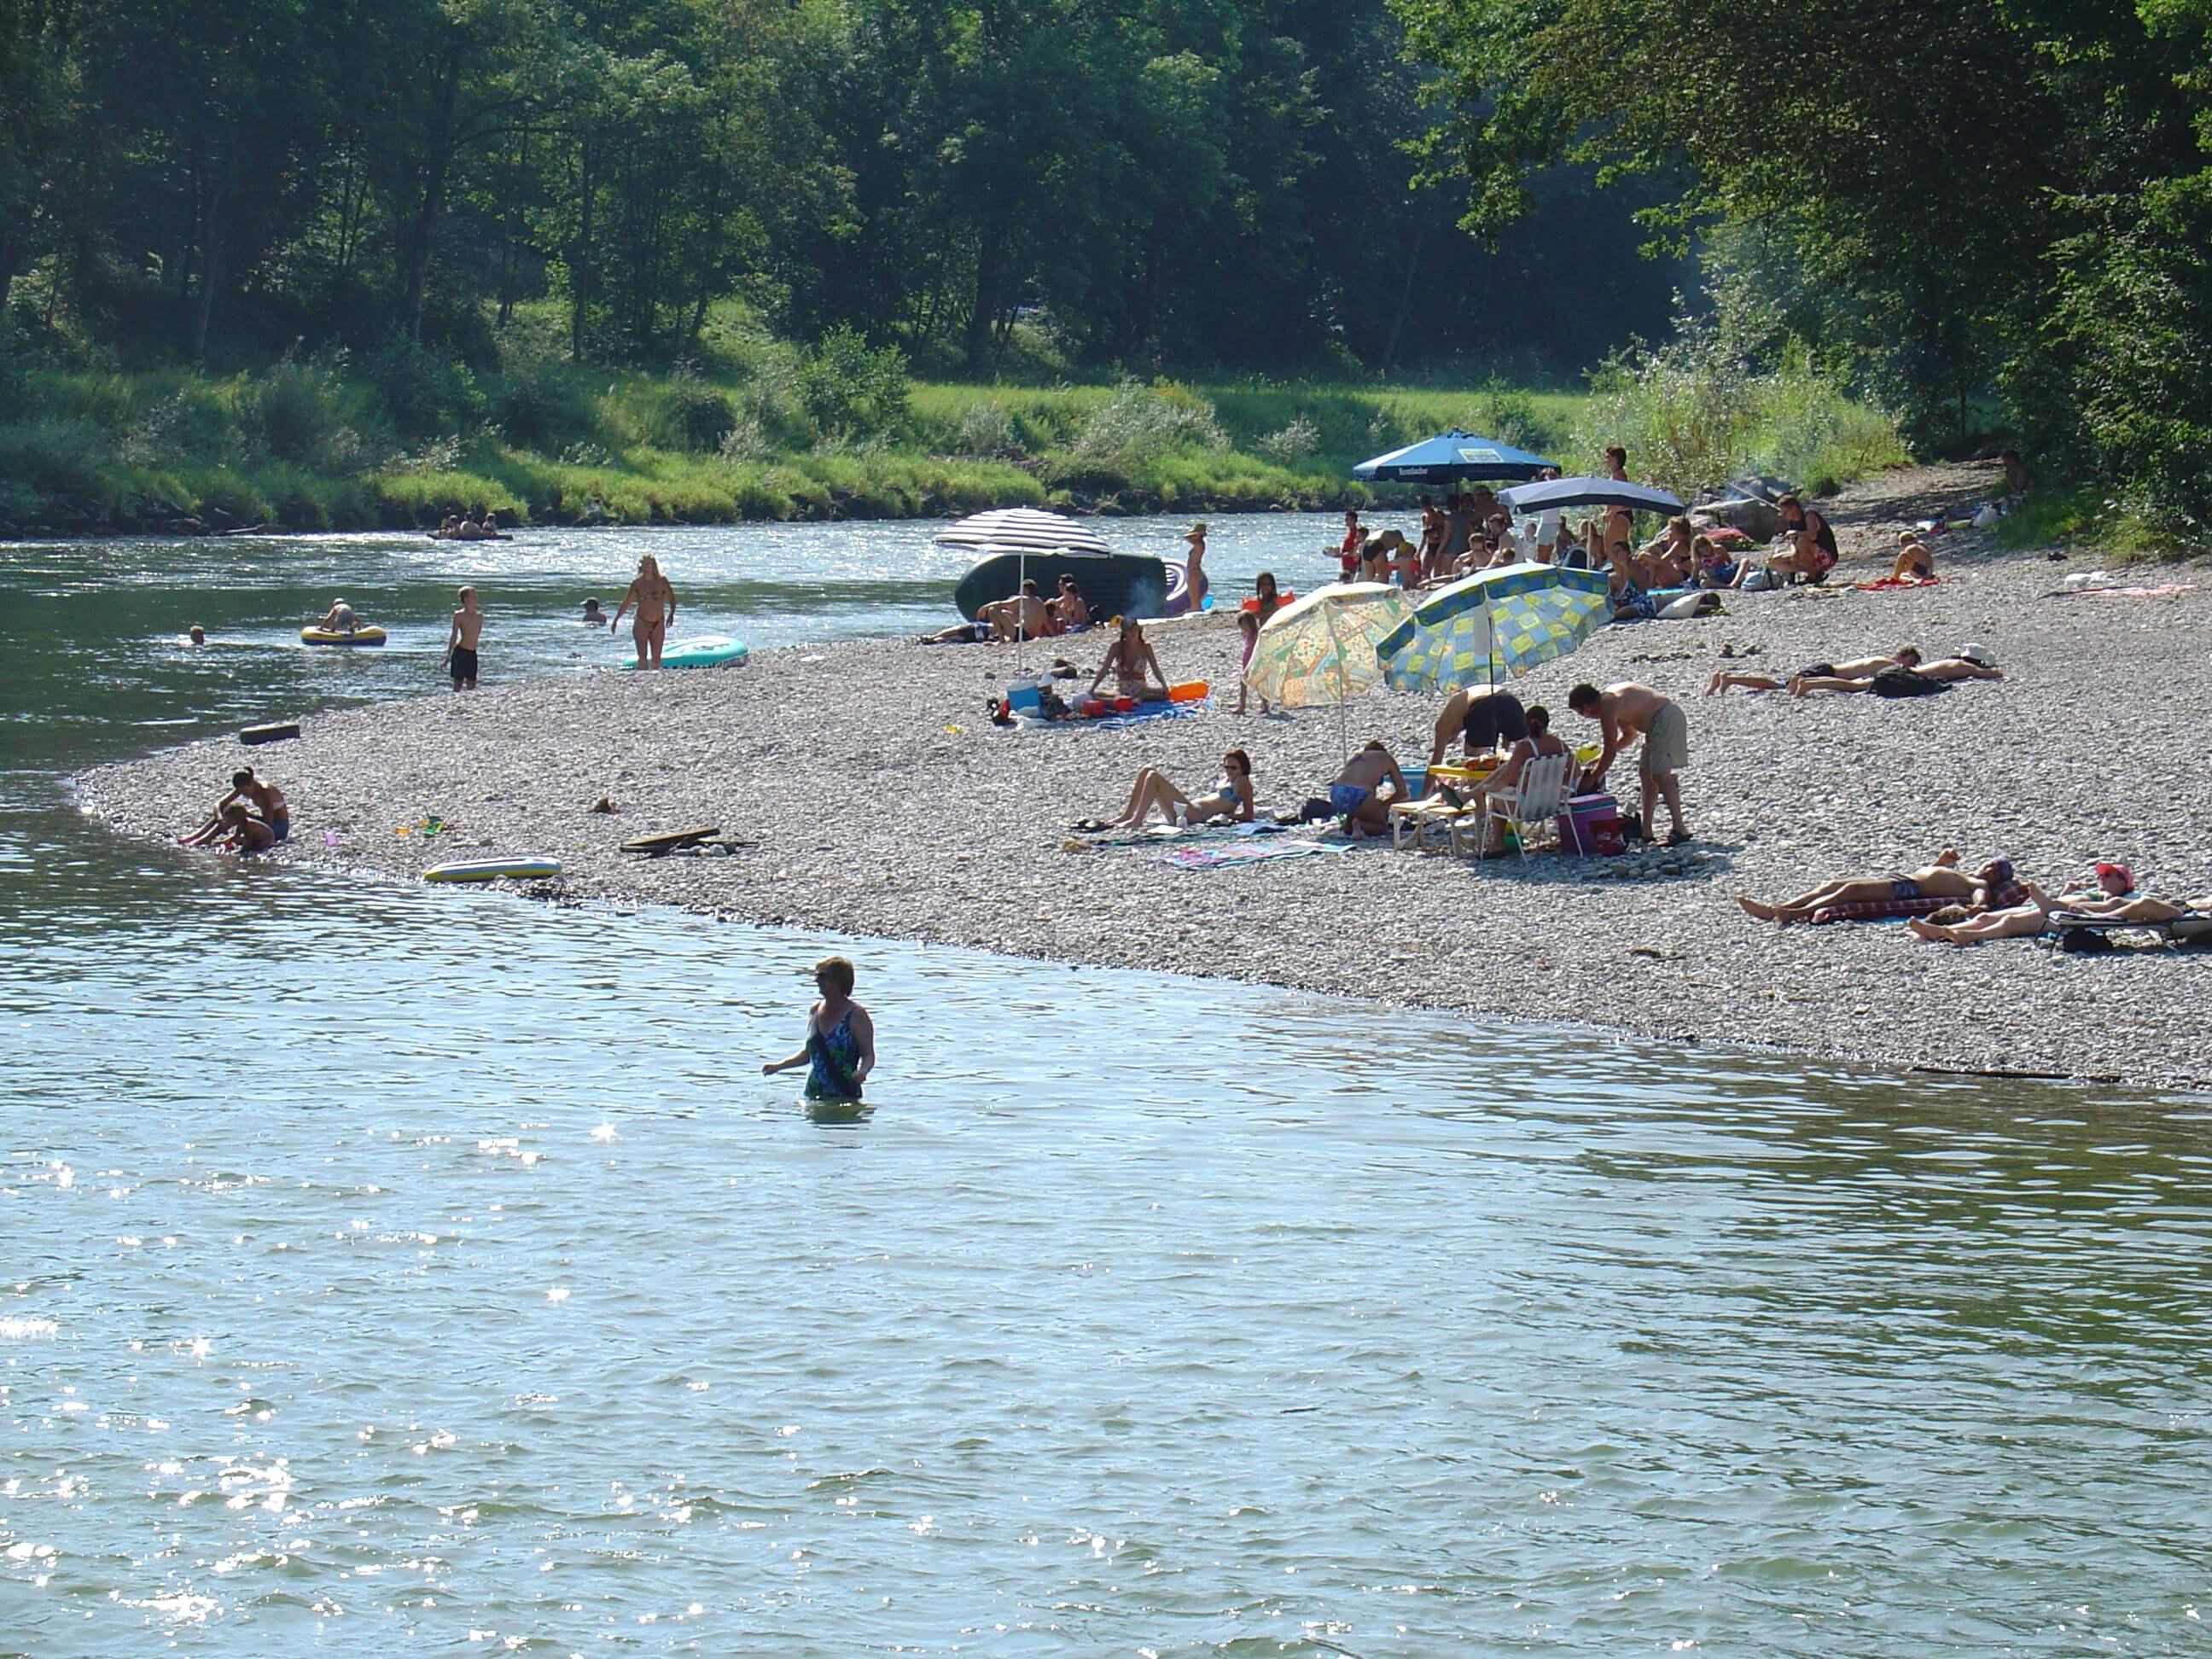 Mehrheit im Alpenrheintal wünscht sich Rheinaufweitungen